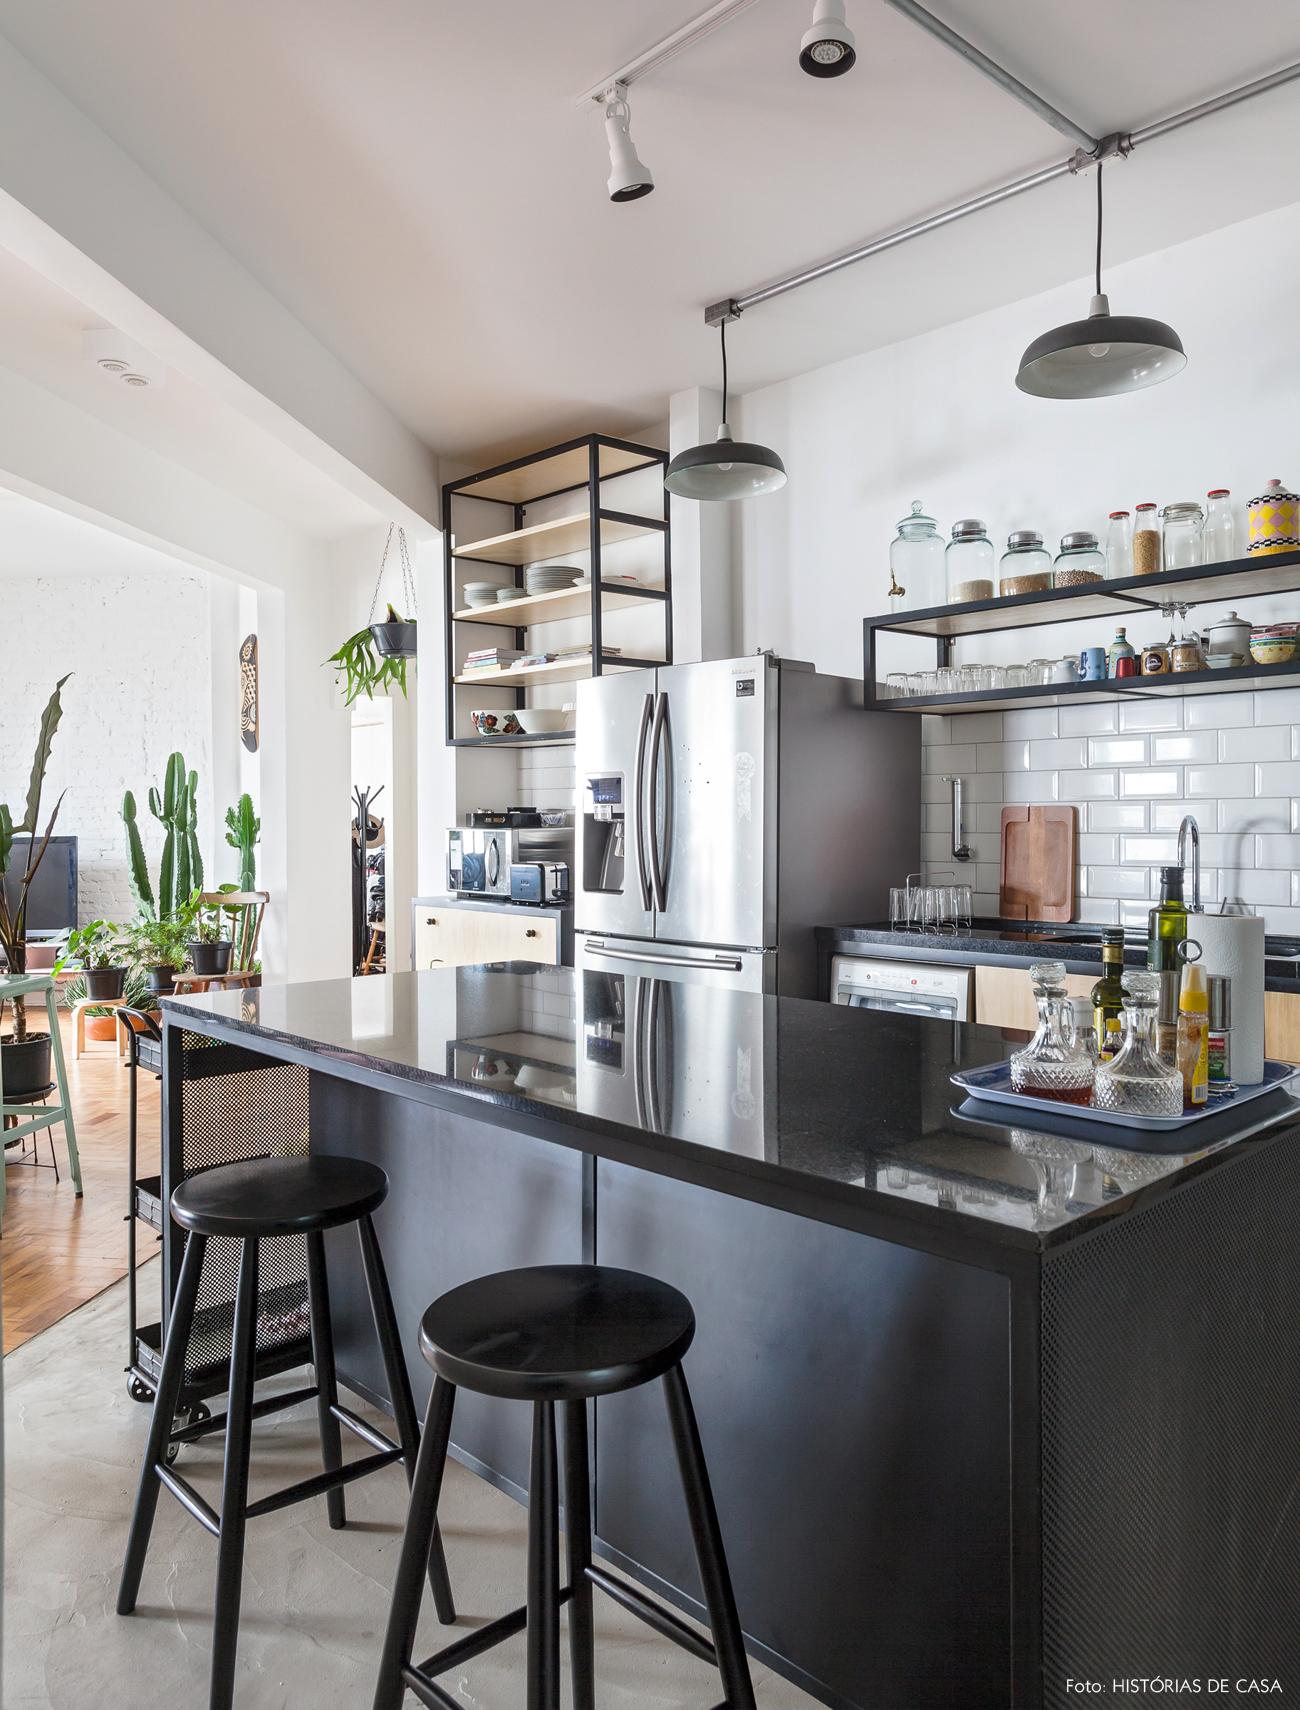 34-decoracao-cozinha-integrada-bancada-granito-preto